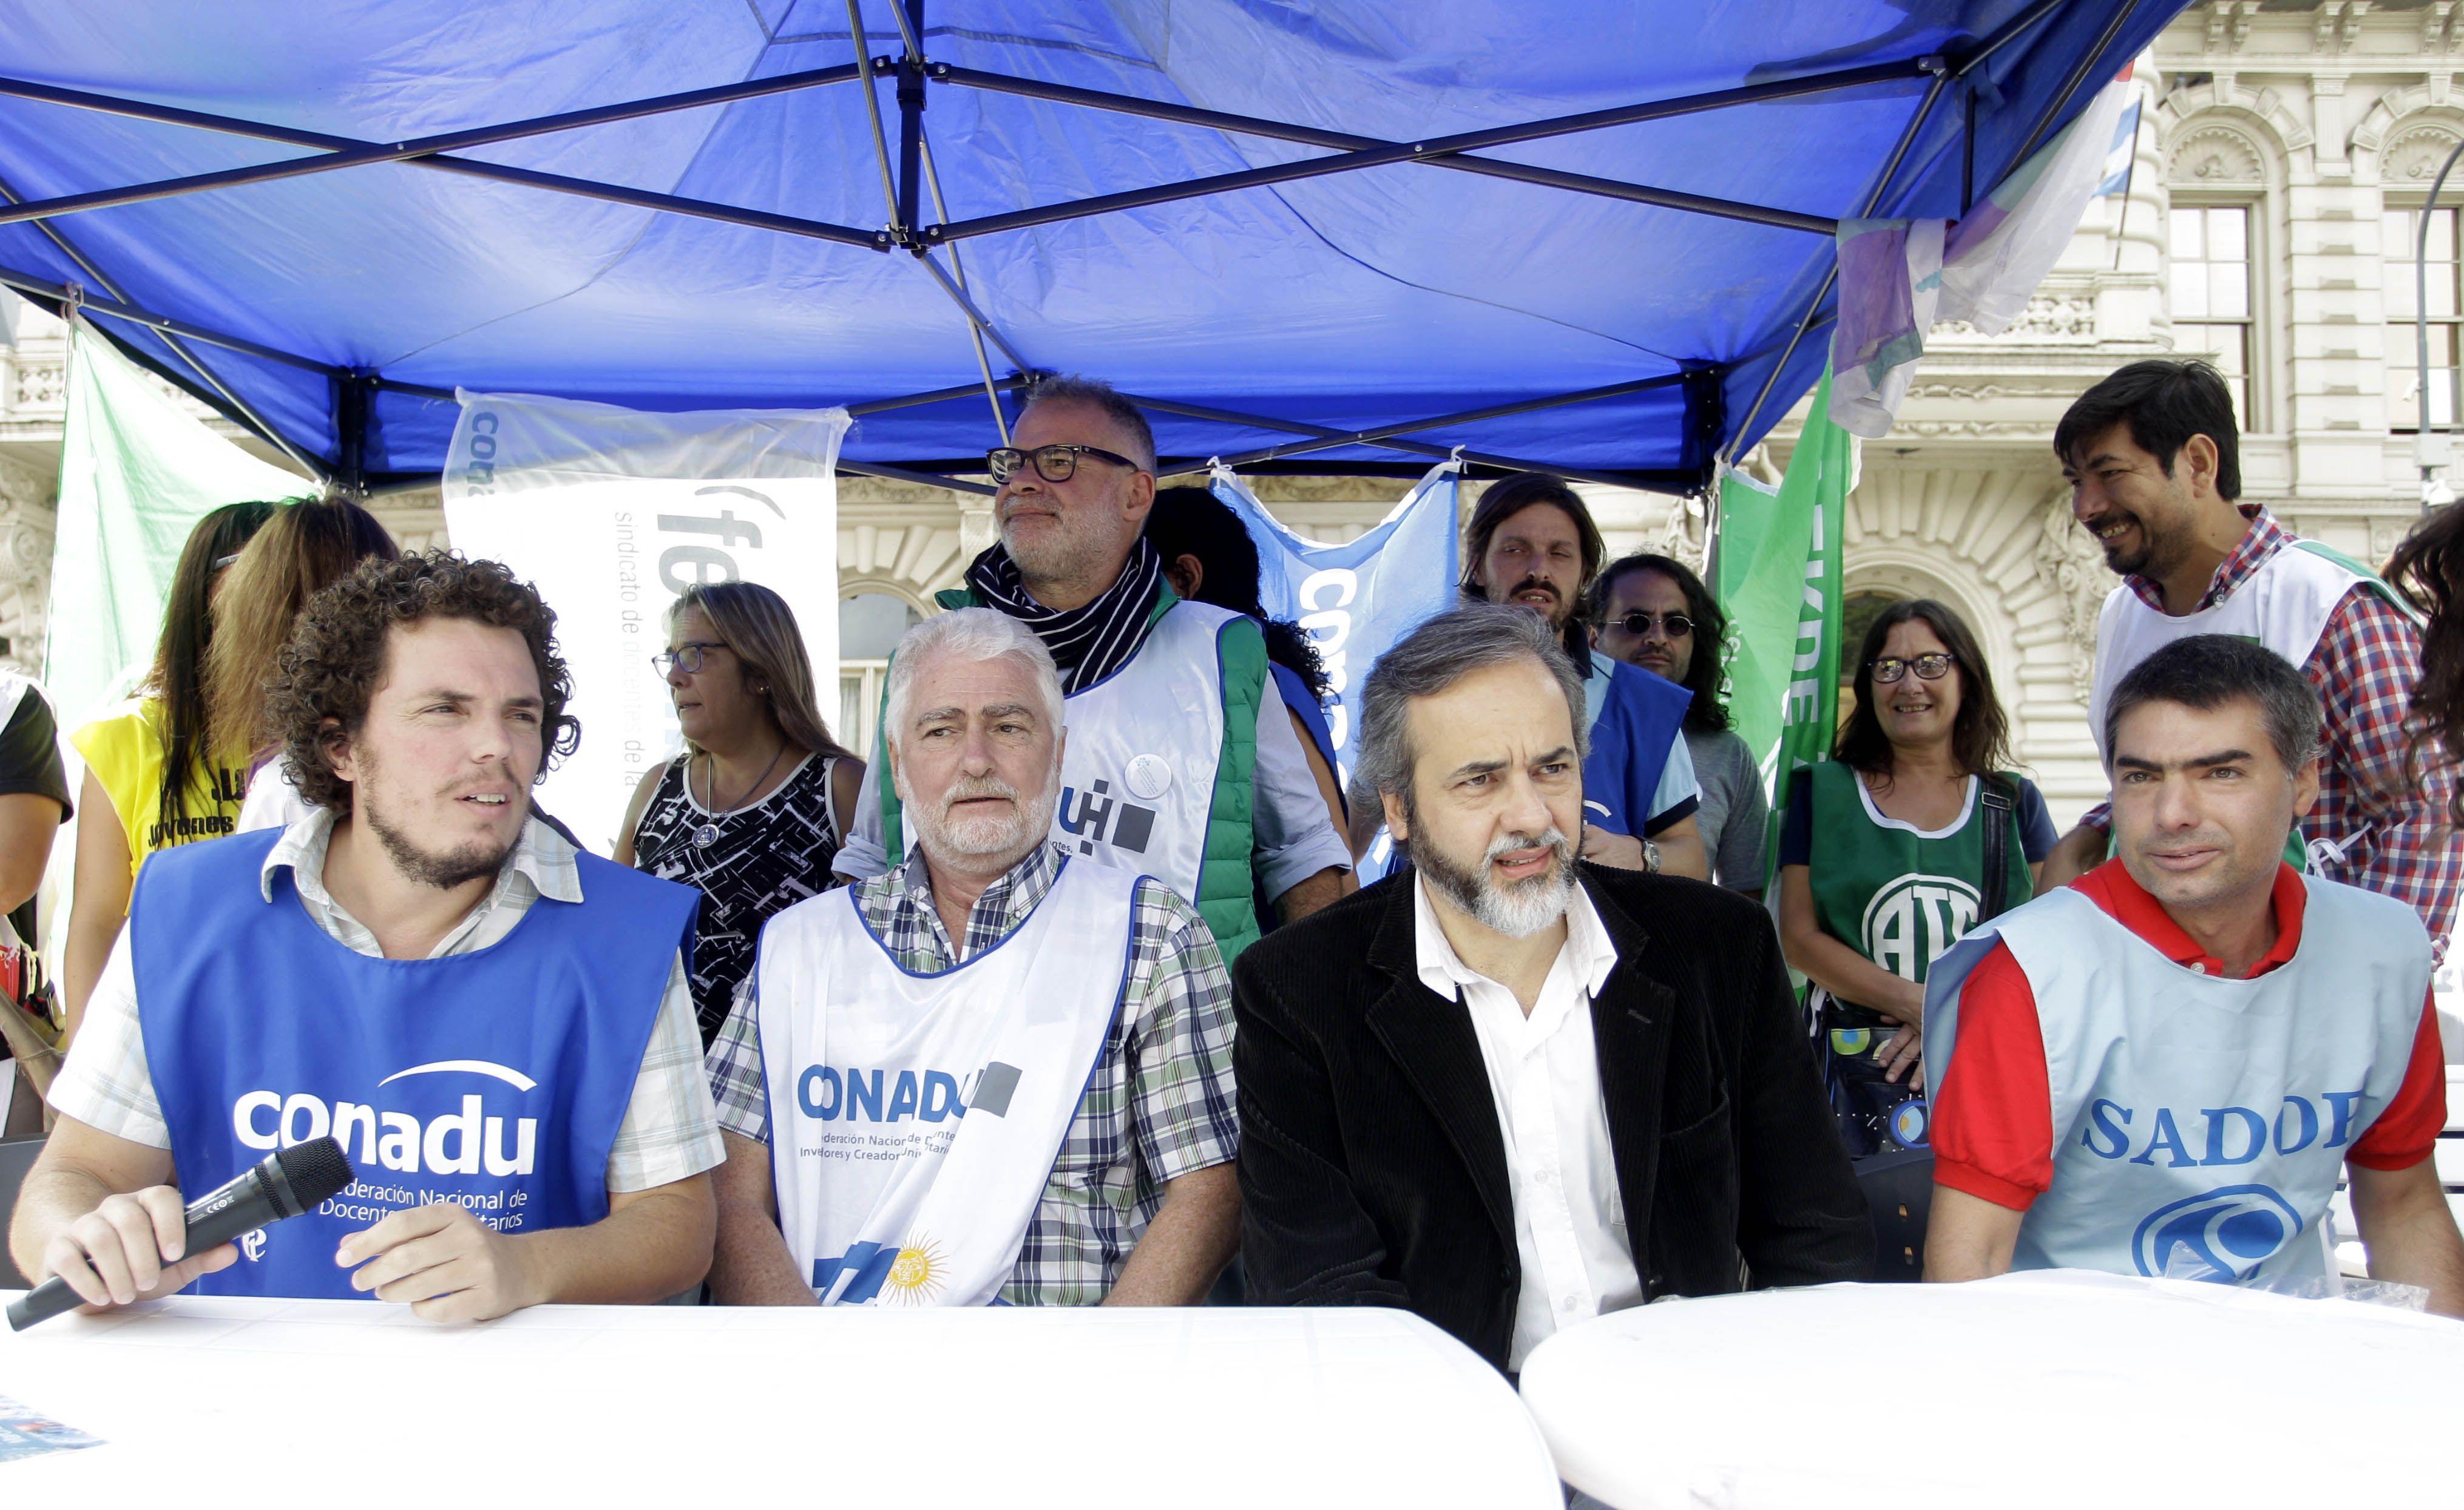 Docentes evalúan ir a la Justicia si Macri no reabre la paritaria nacional